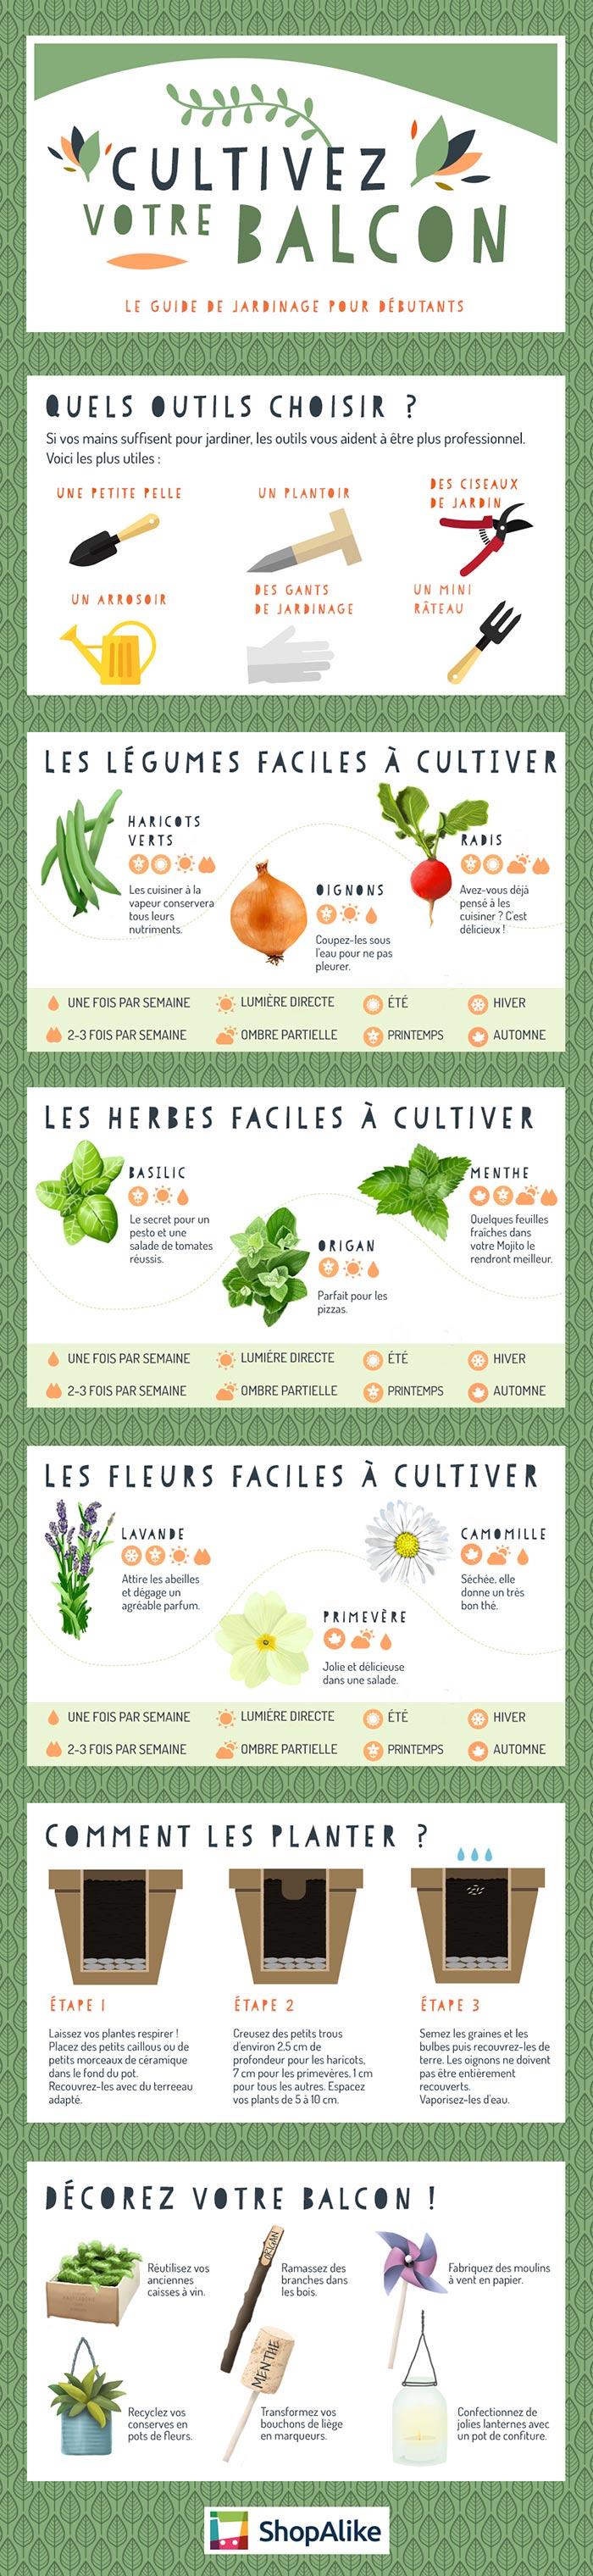 Cultivez-votre-balcon-Infographie-unat